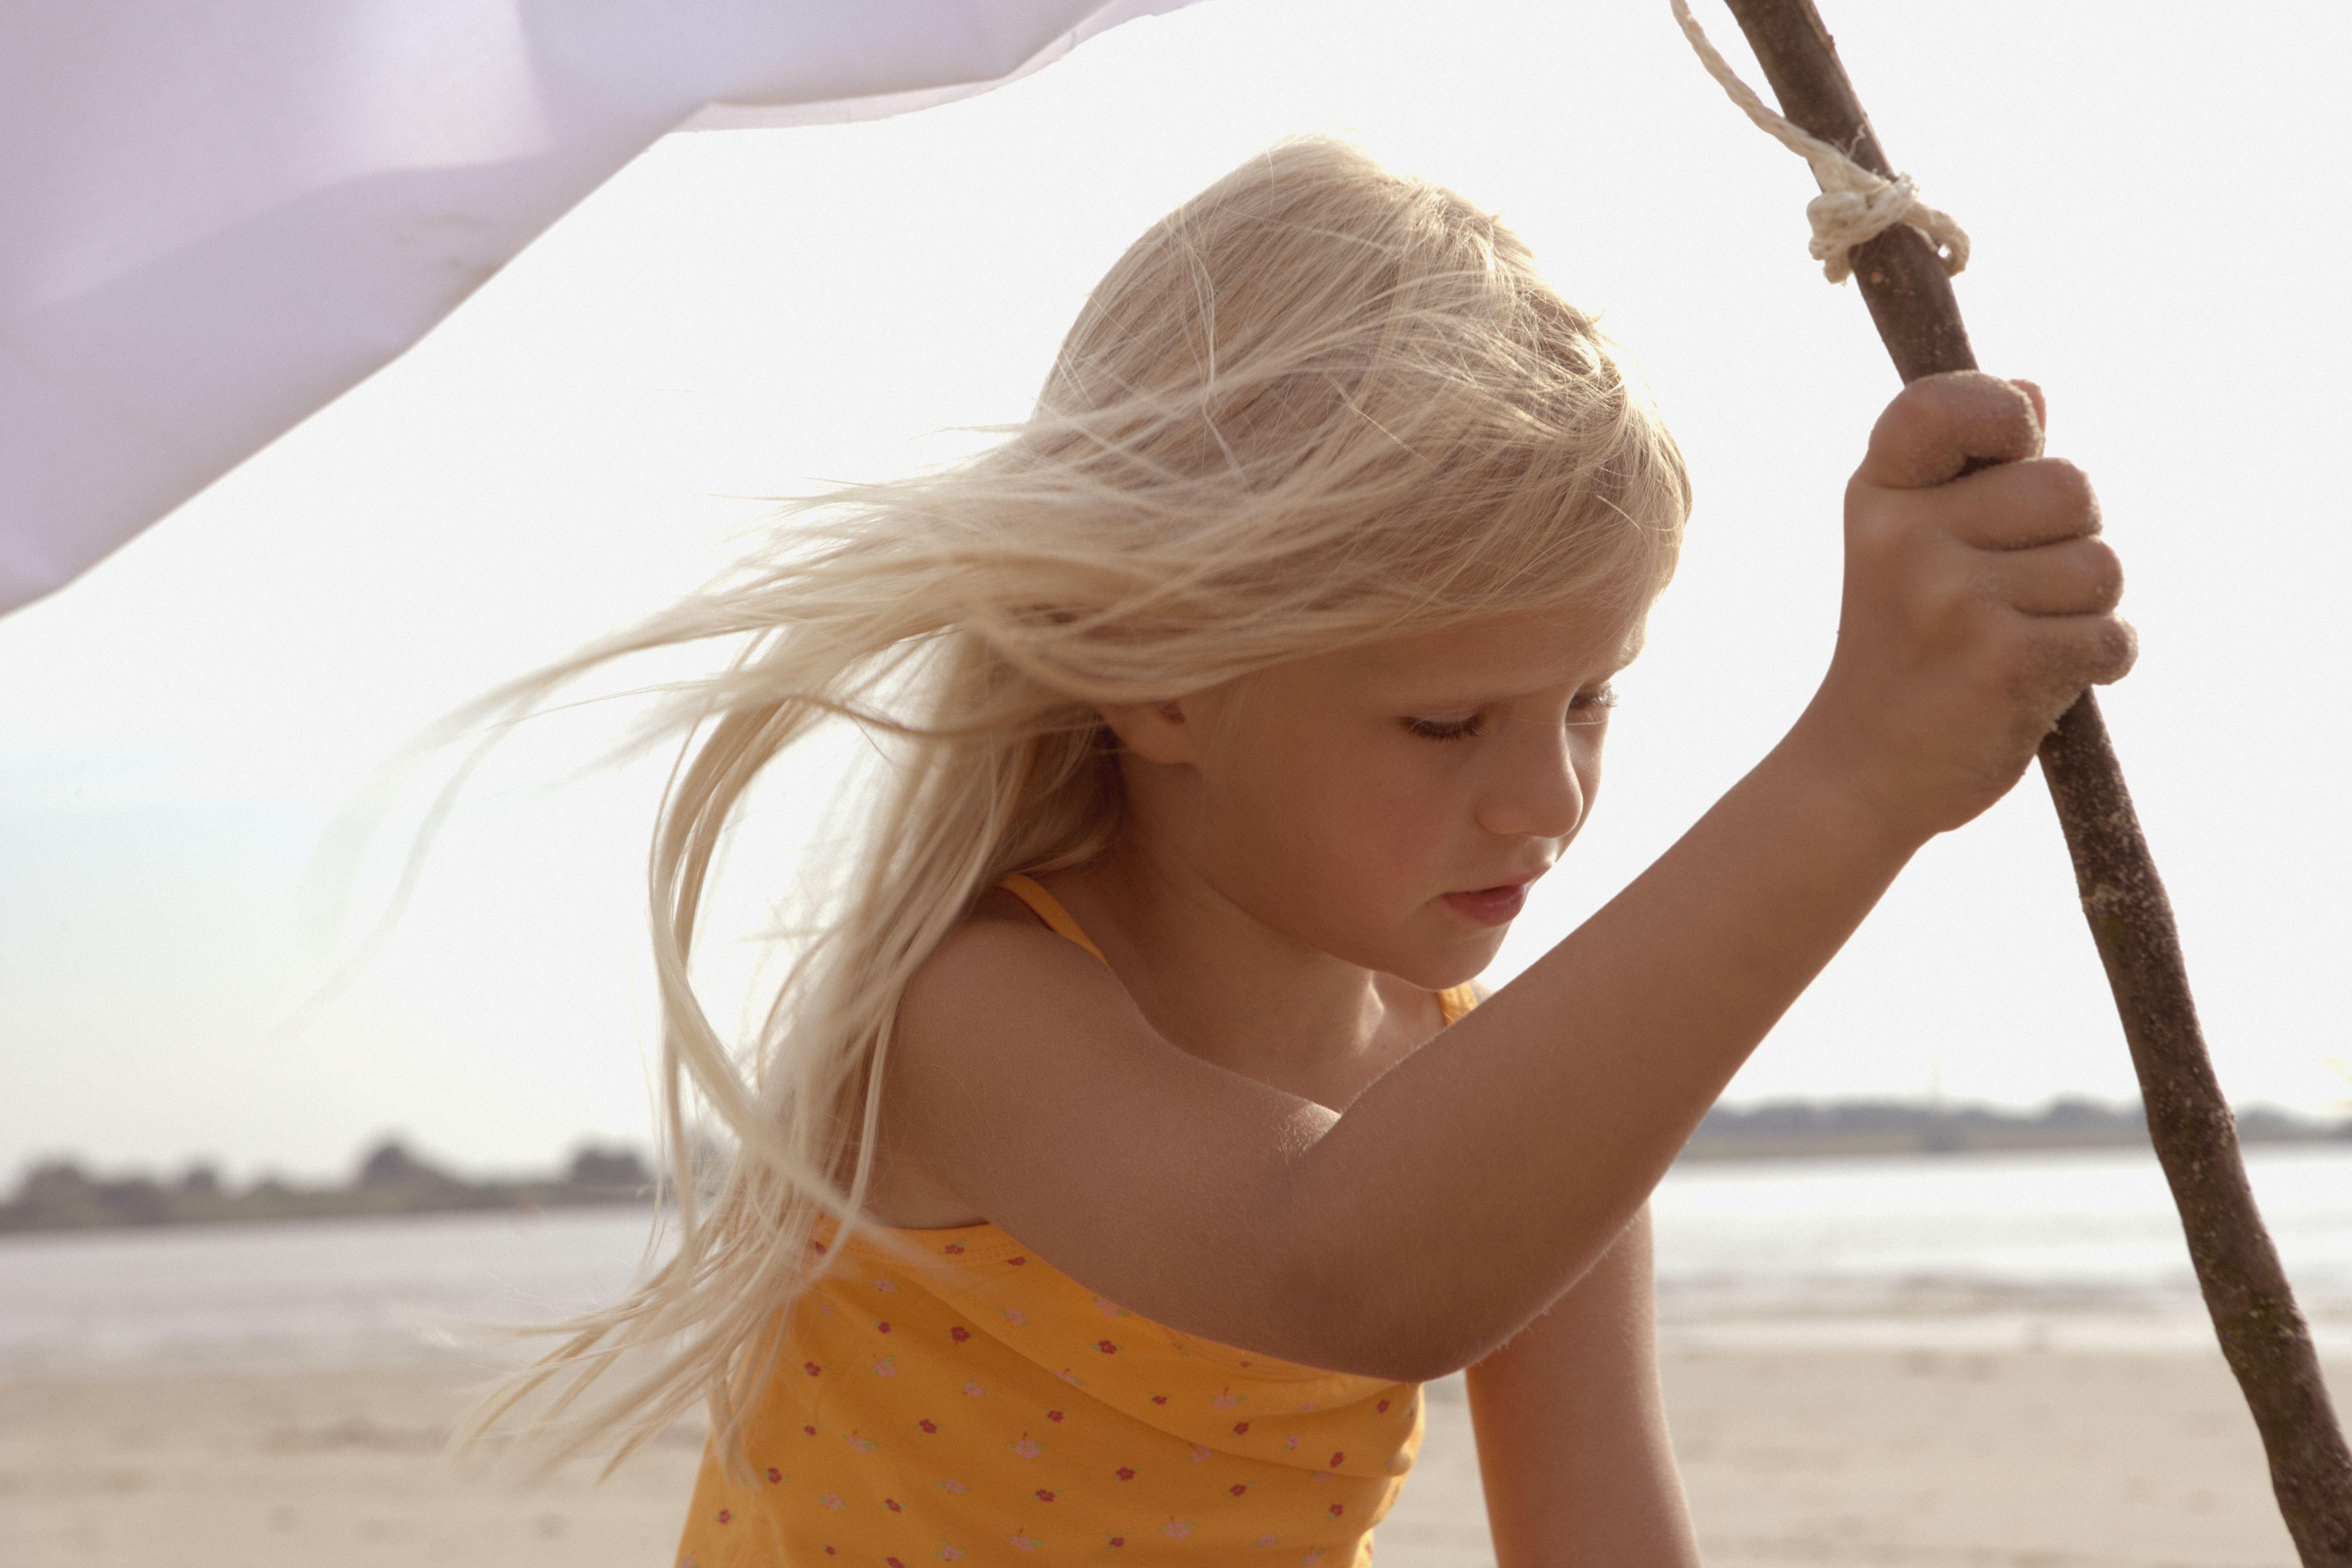 Girl Planting White Flag on Beach